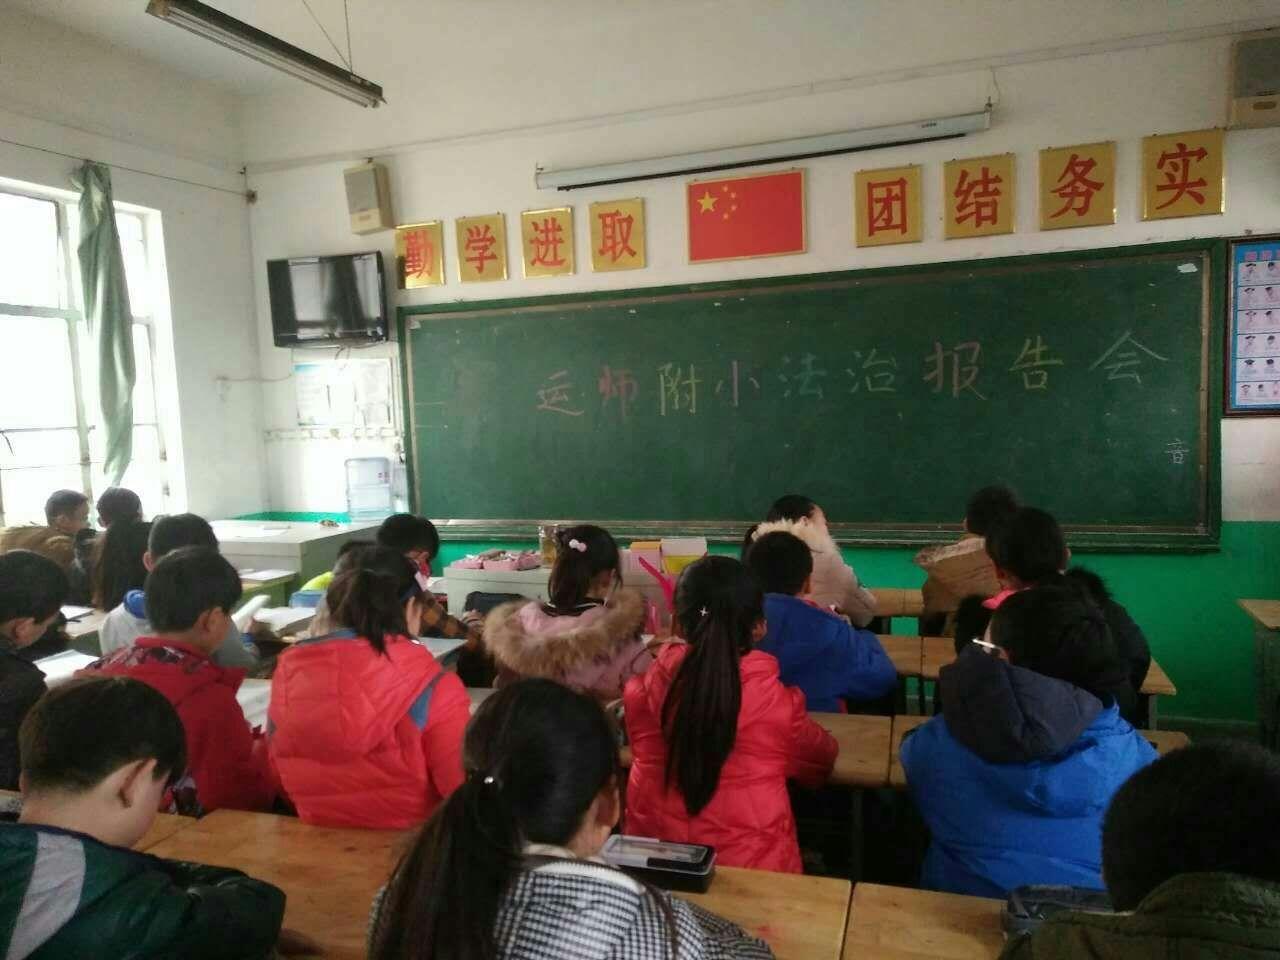 师范学院附属小学法制报告会 (1)